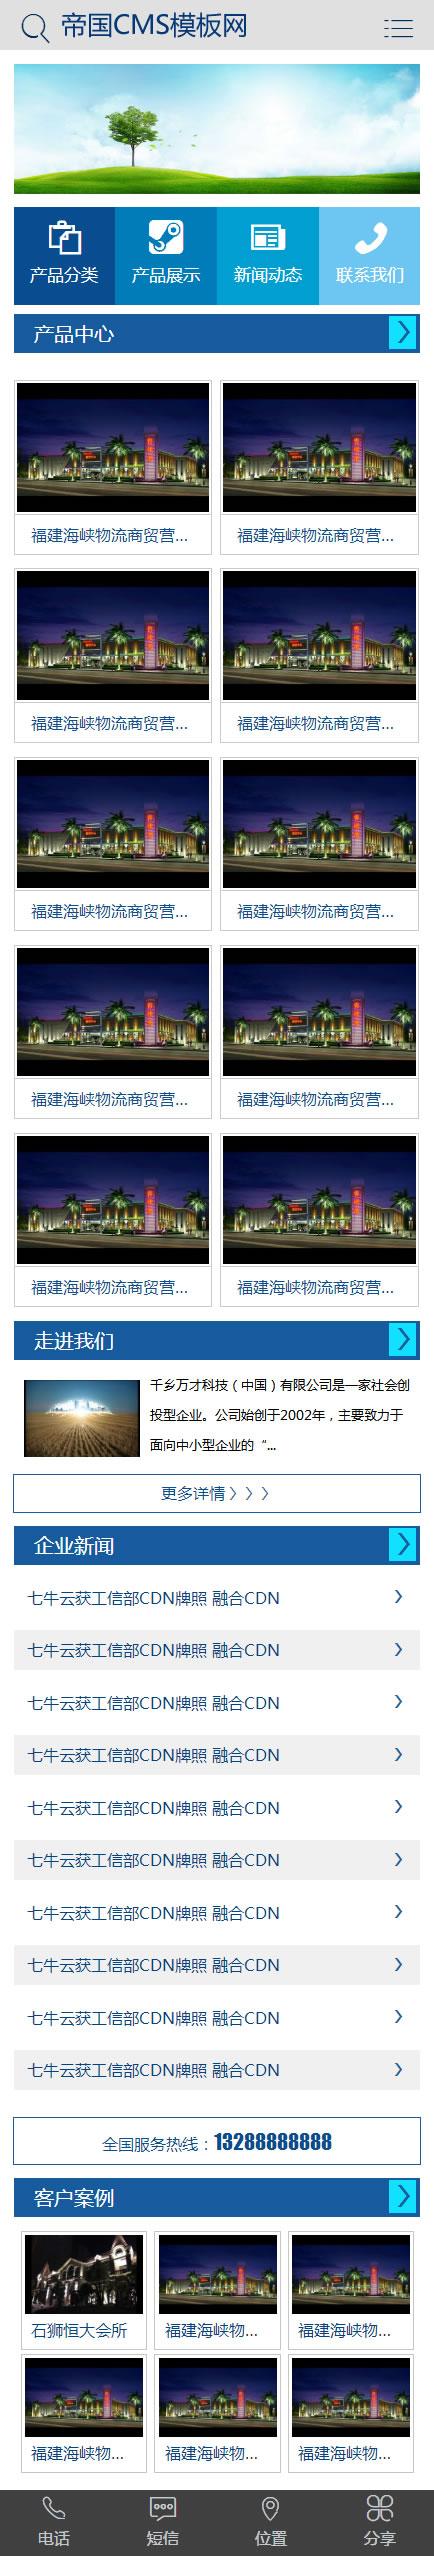 帝国cms企业公司网站手机模板公司企业wap模板蓝色系_首页